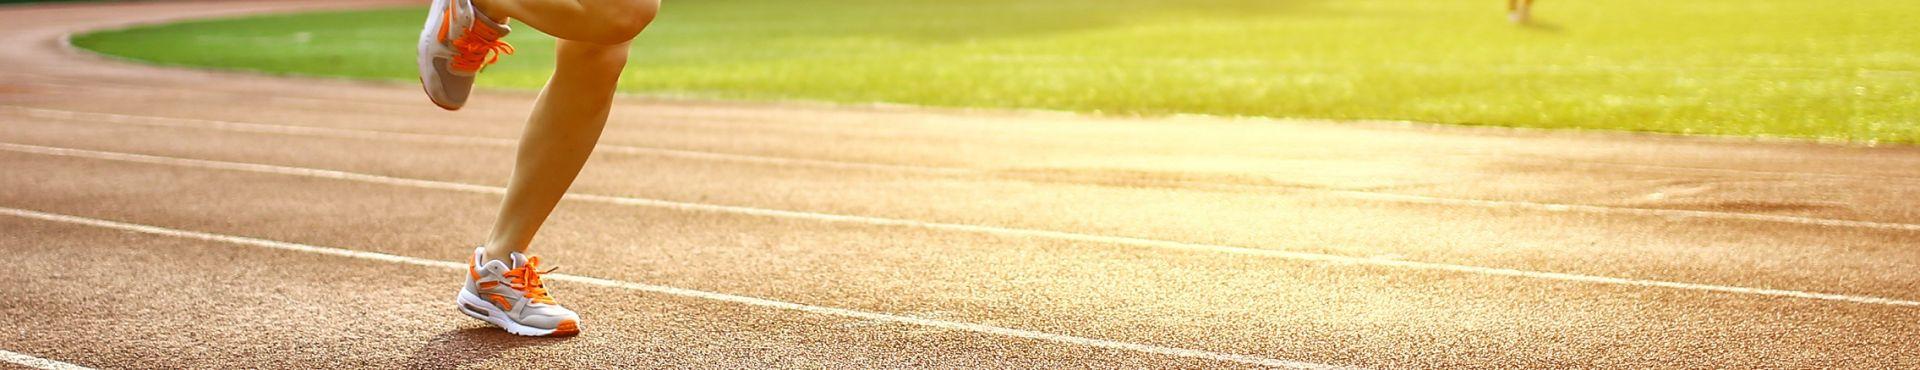 ΠΡΟΓΡΑΜΜΑΤΑ ΓΙΑ Προγράμματα για αθλητές